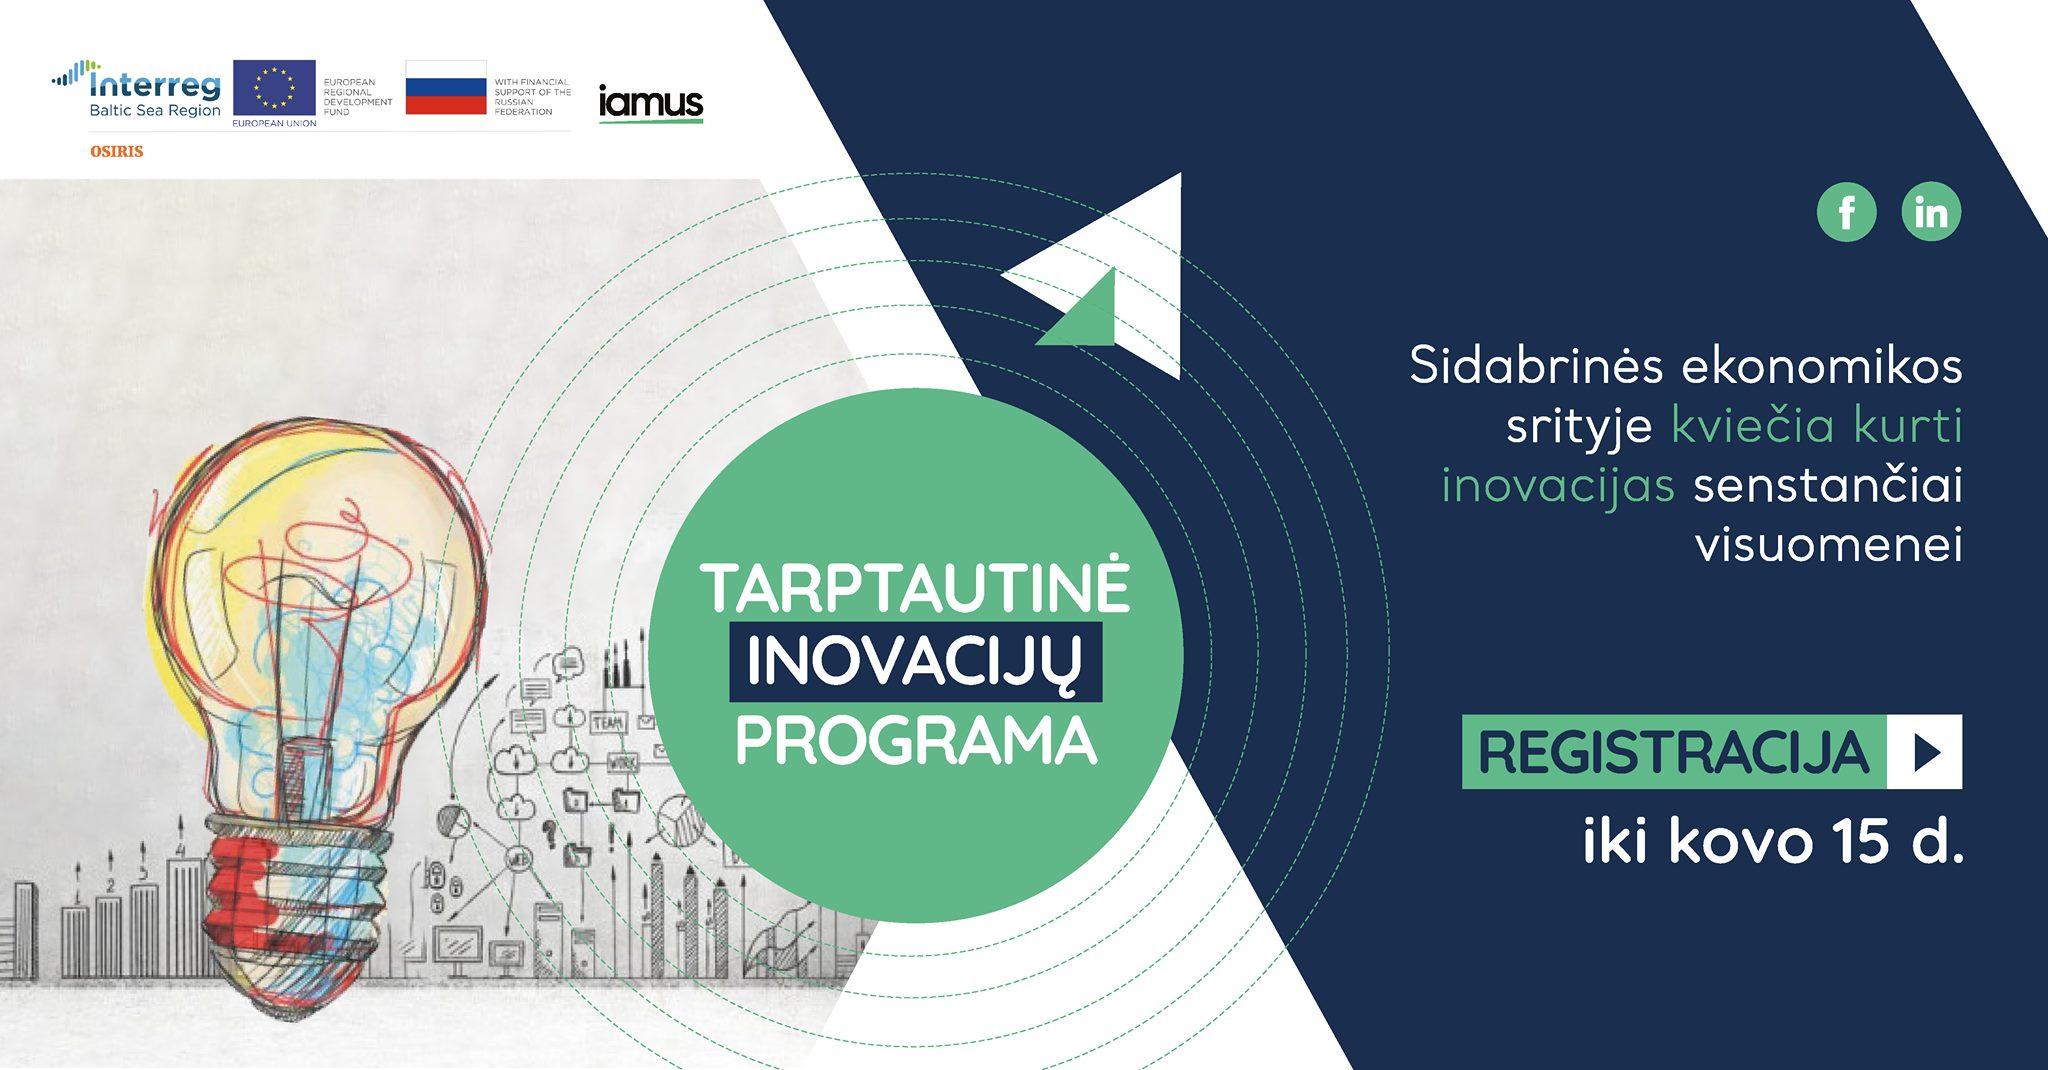 Tarptautinė inovacijų programa